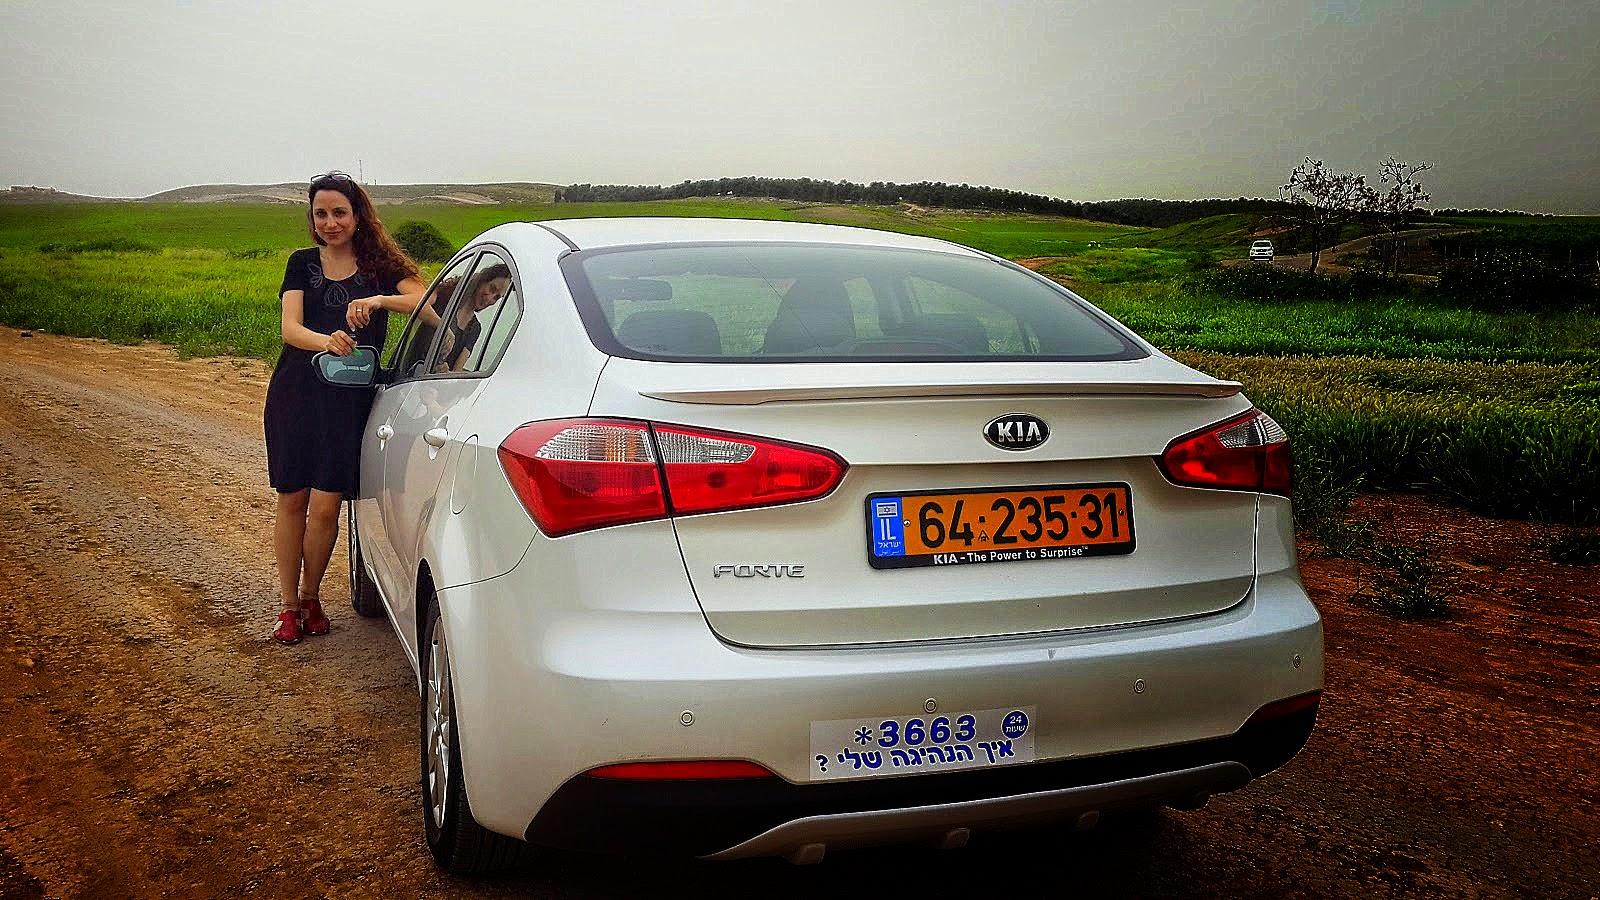 מאוד מלכת הכביש מחפשת מכונית משפחתית: קיה פורטה במבחן - מלכת הכביש KJ-94